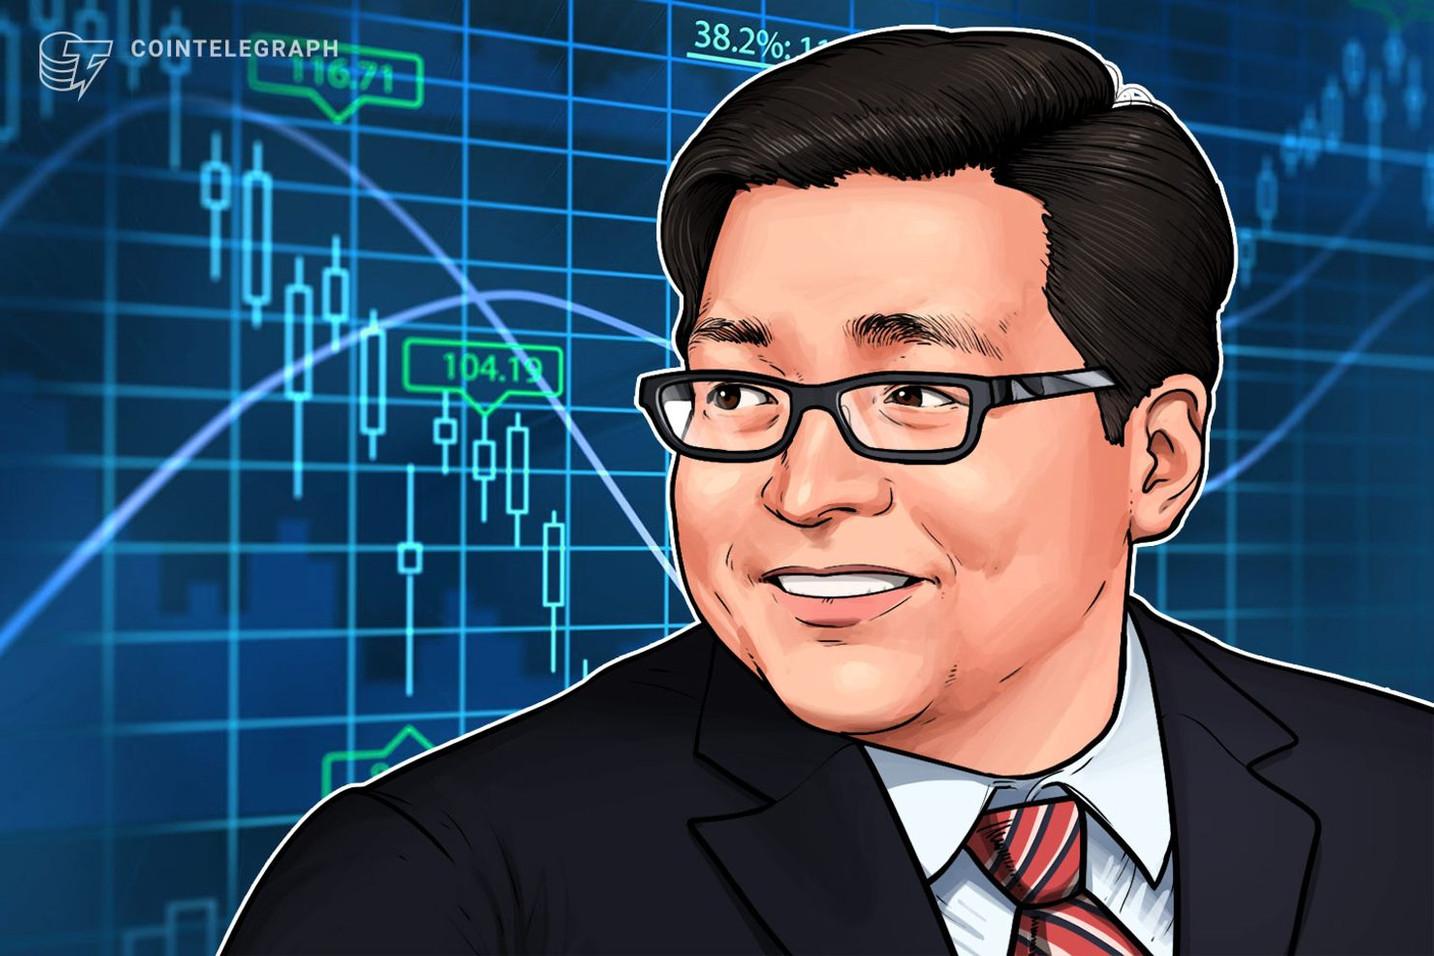 仮想通貨ビットコインをトレードすべきでない理由、トム・リーが指摘